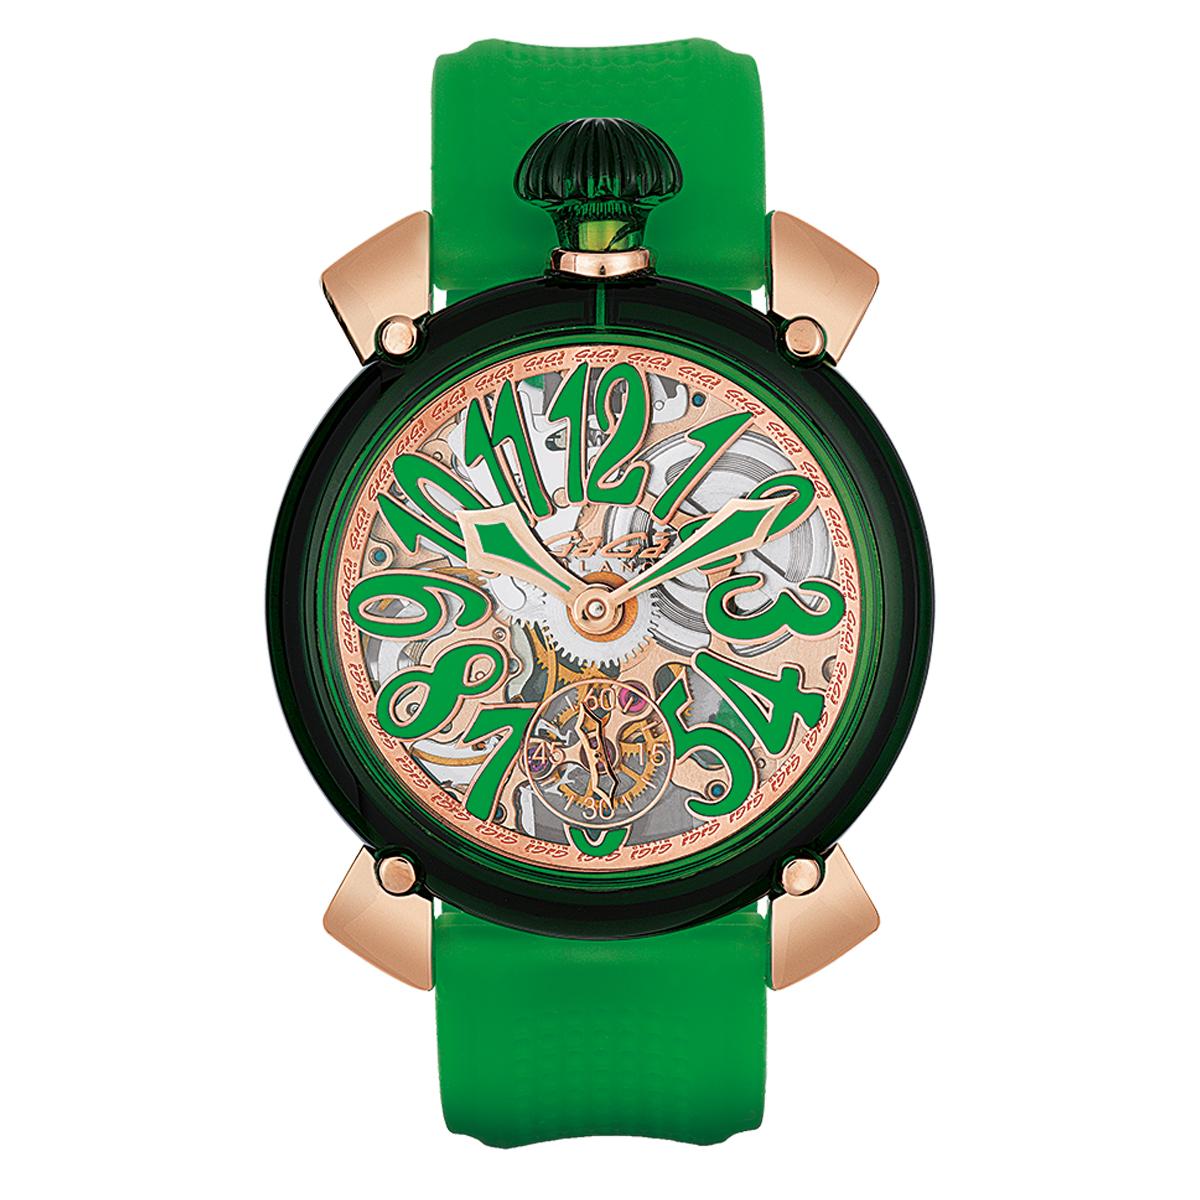 【全品送料無料】 GAGA MILANO ガガ ミラノ 6091.01 MANUALE 48MM クリスタル ユニセックス 時計 腕時計[あす楽]